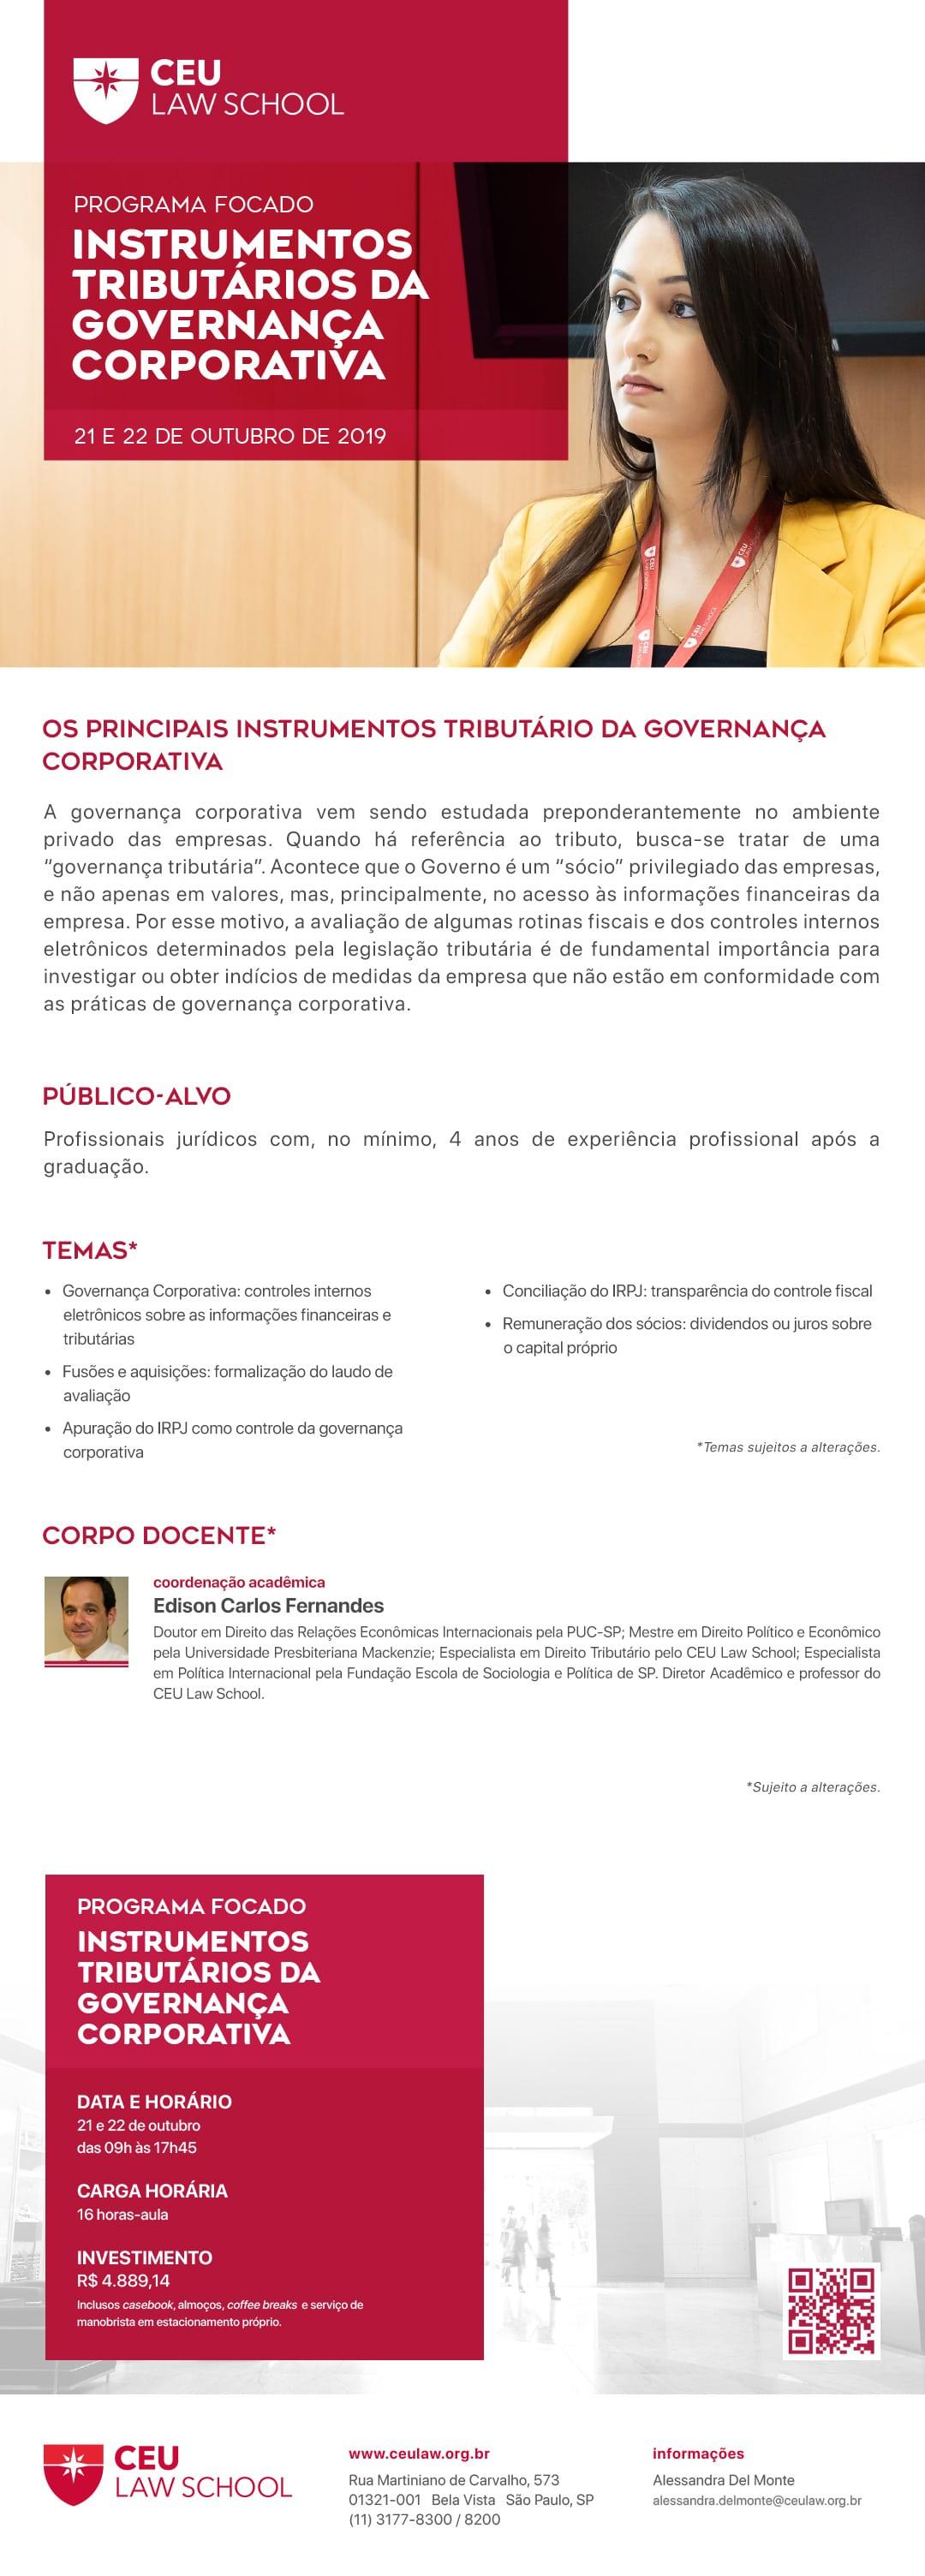 A_Wpp PF Instrumentos Tributarios CEU Law